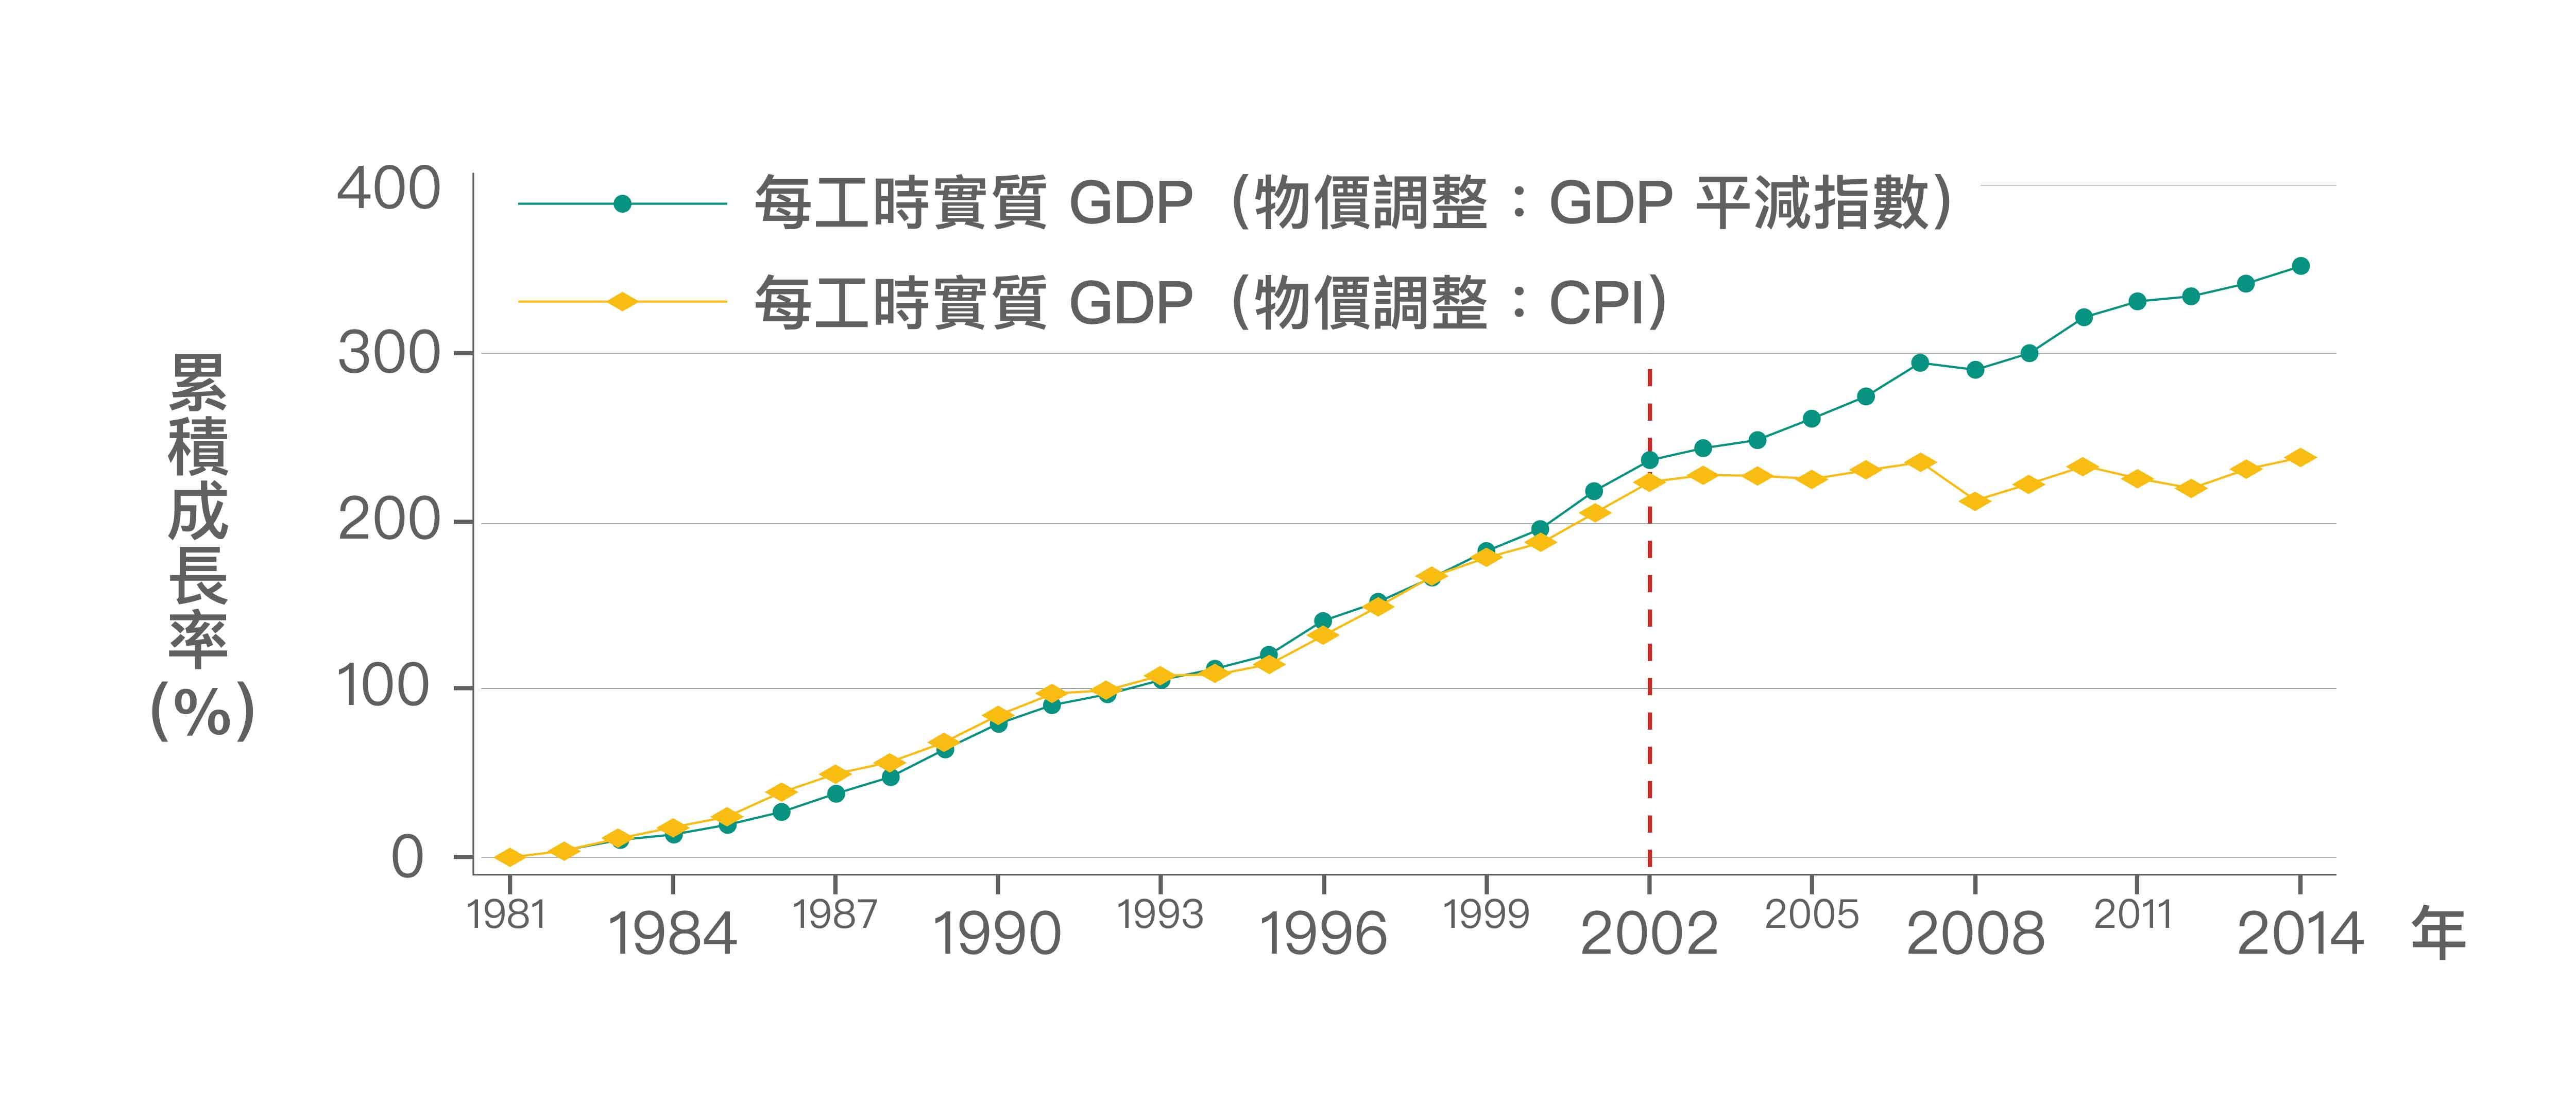 2002年後,實質GDP雖持續成長,但卻是奠基在生產越來越低價的產品上,若GDP改以CPI調整物價,反映GDP的購買力,可以發現如同實質薪資,早已停止成長。圖│《經濟成長、薪資停滯?初探臺灣實質薪資與勞動生產力脫勾的成因》,作者:林依伶、楊子霆